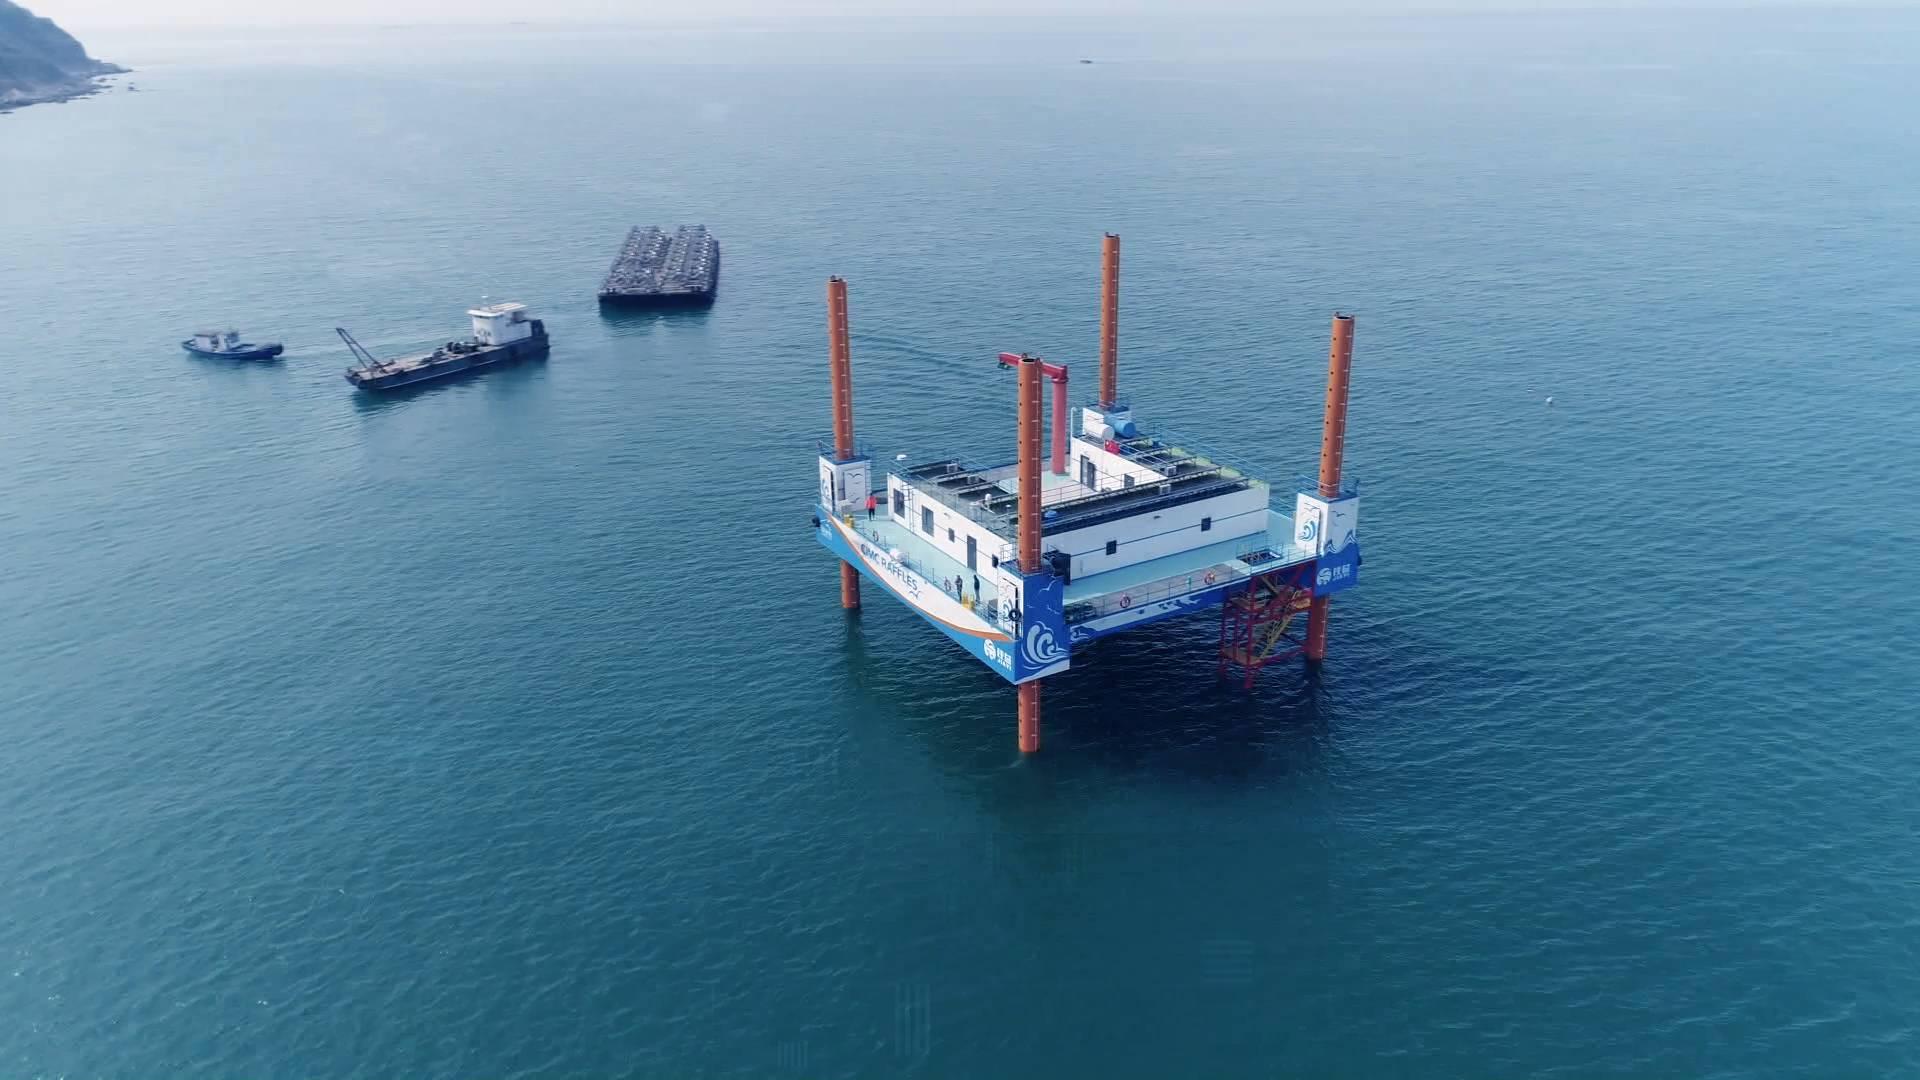 山东超级工程丨中国第一座海上牧场平台 拉开人类耕海新时代大幕